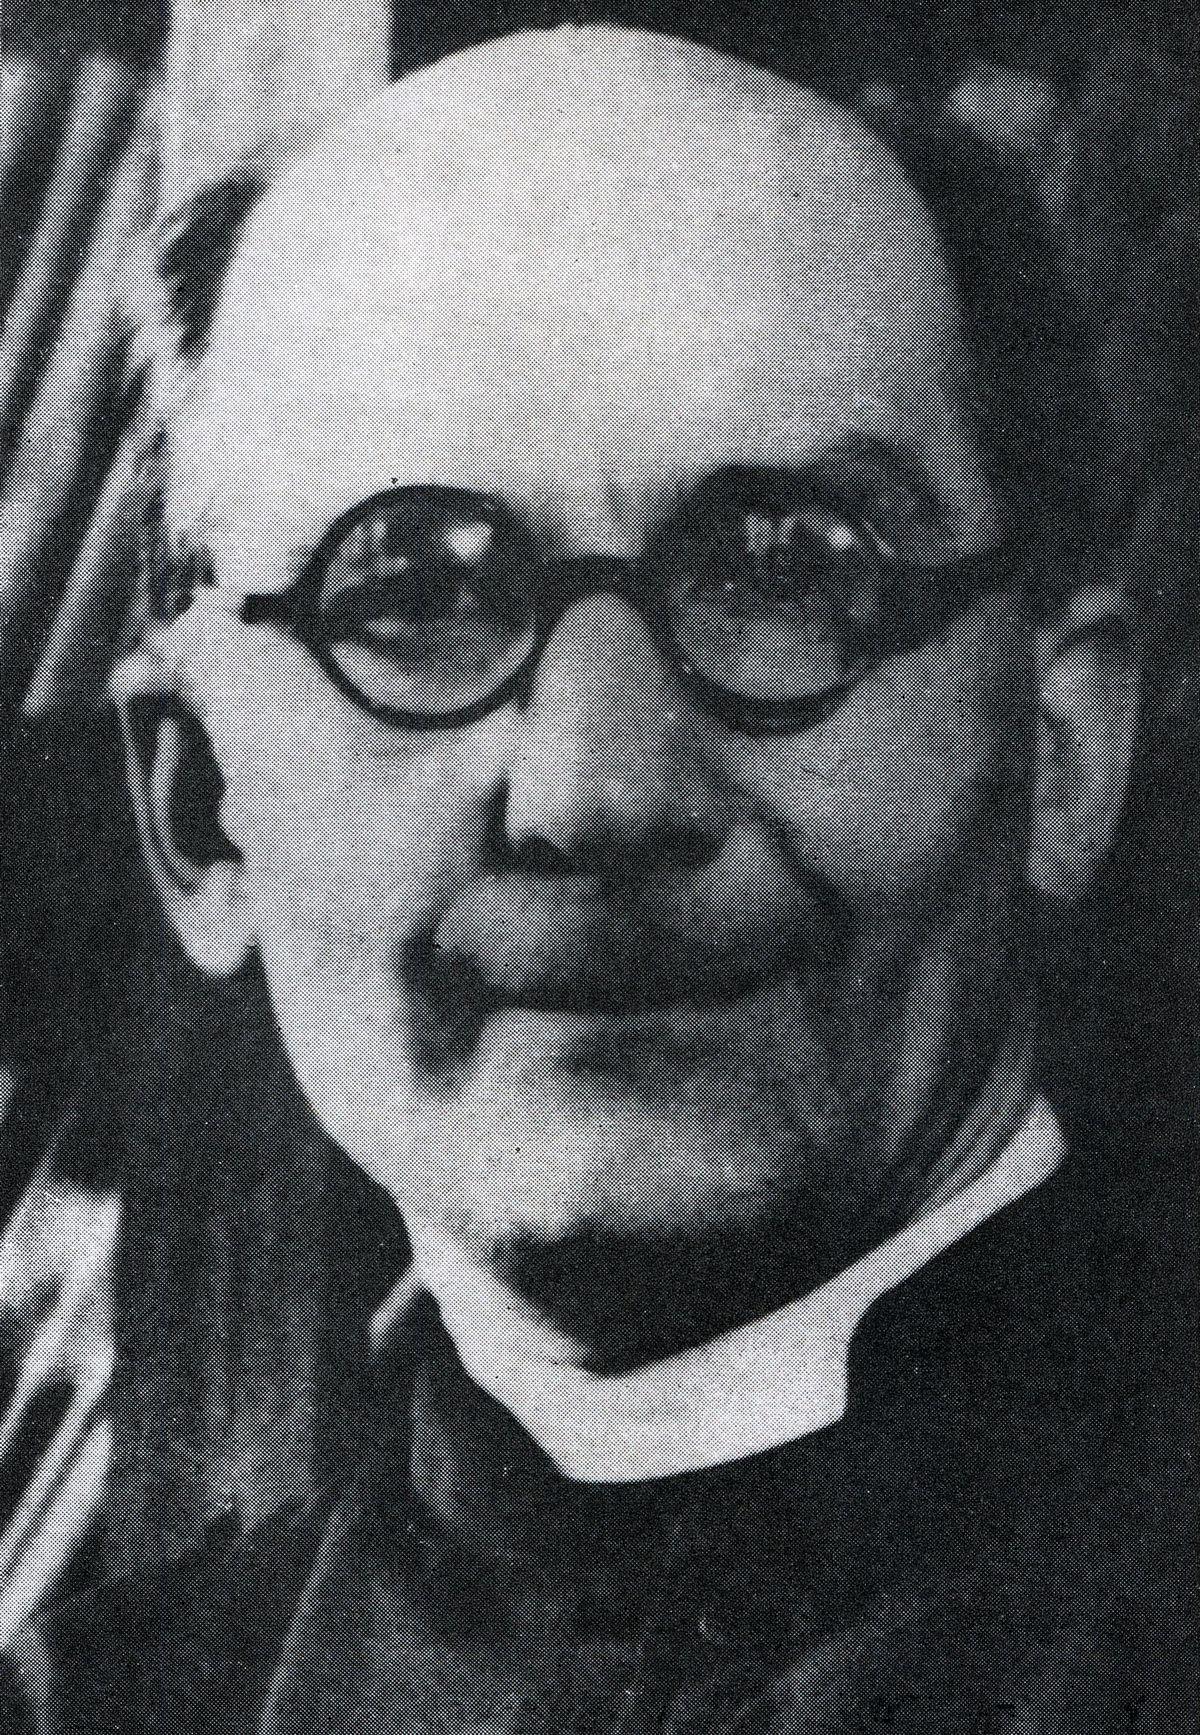 Ksiądz Władysław Korniłowicz, który udzielił Józefowi Piłsudskiemu ostatniego namaszczenia.